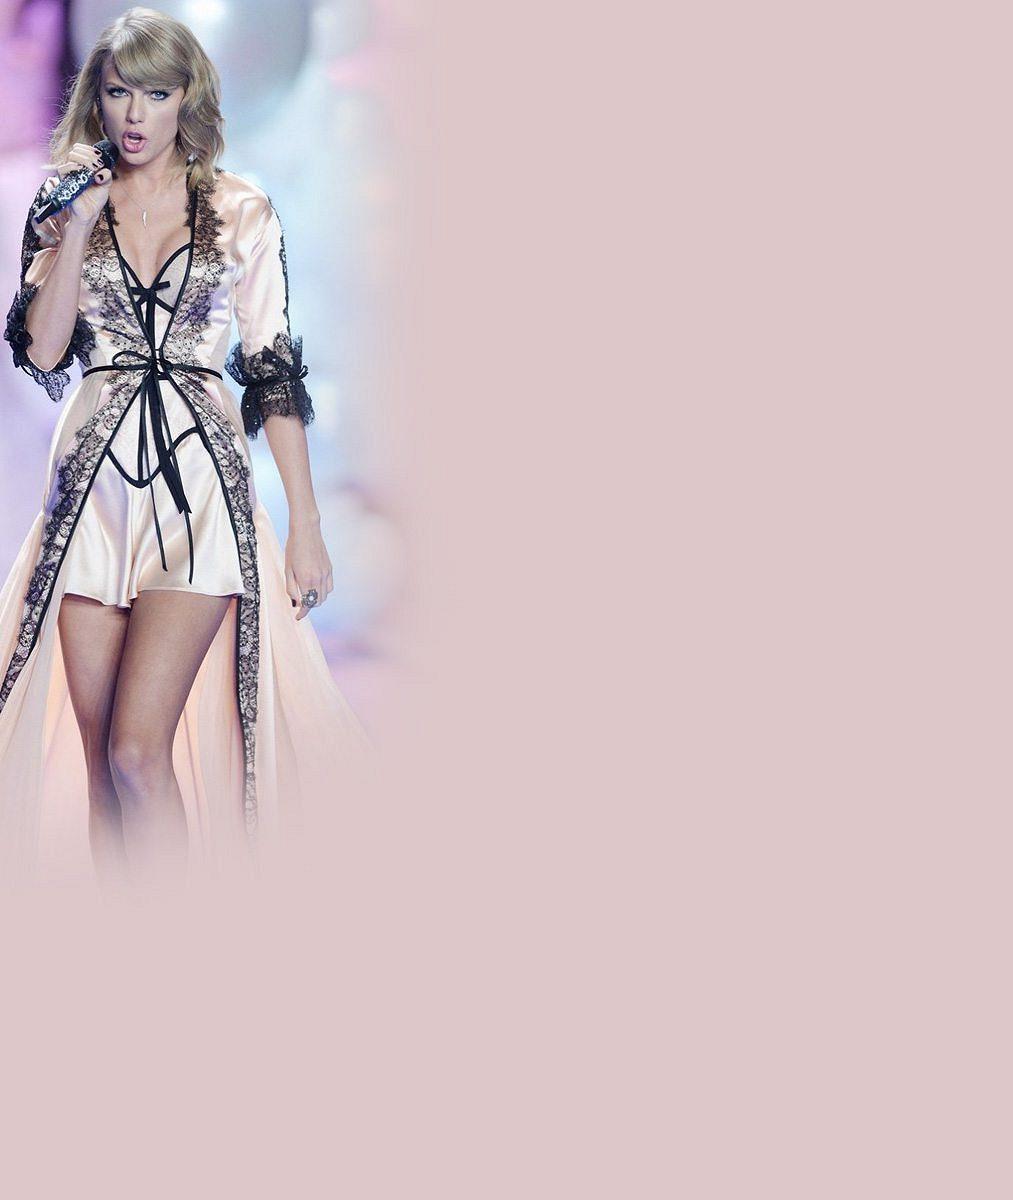 Nejoceňovanější zpěvačka zná dobře své přednosti: Dokonalé nožky si nechala pojistit na neuvěřitelný balík